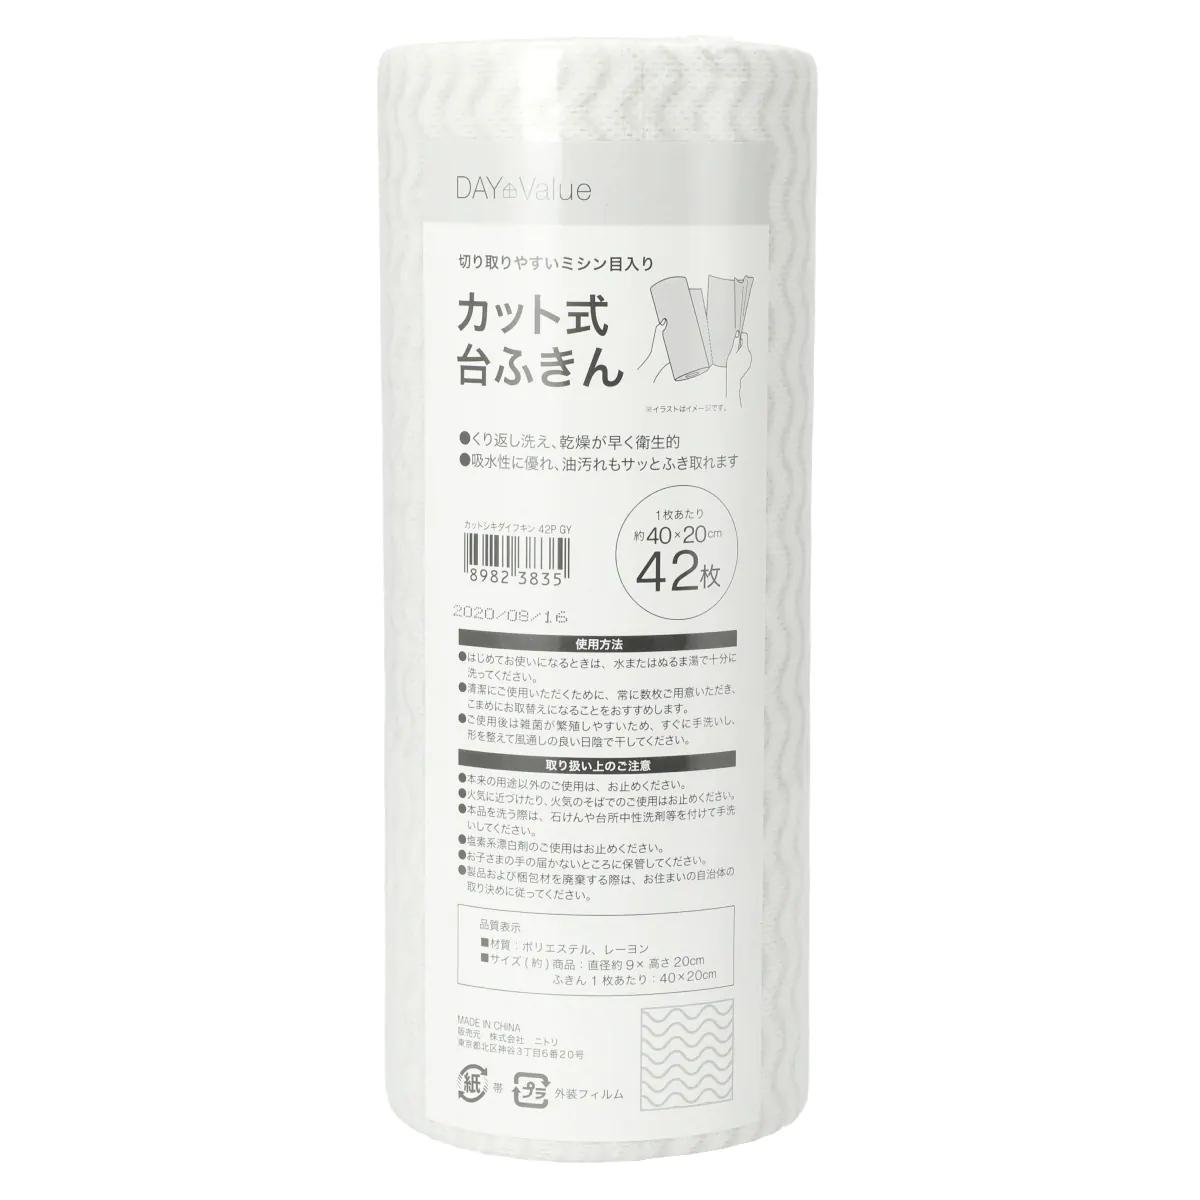 NITORI(ニトリ) カット式台ふきん 42カットの商品画像11